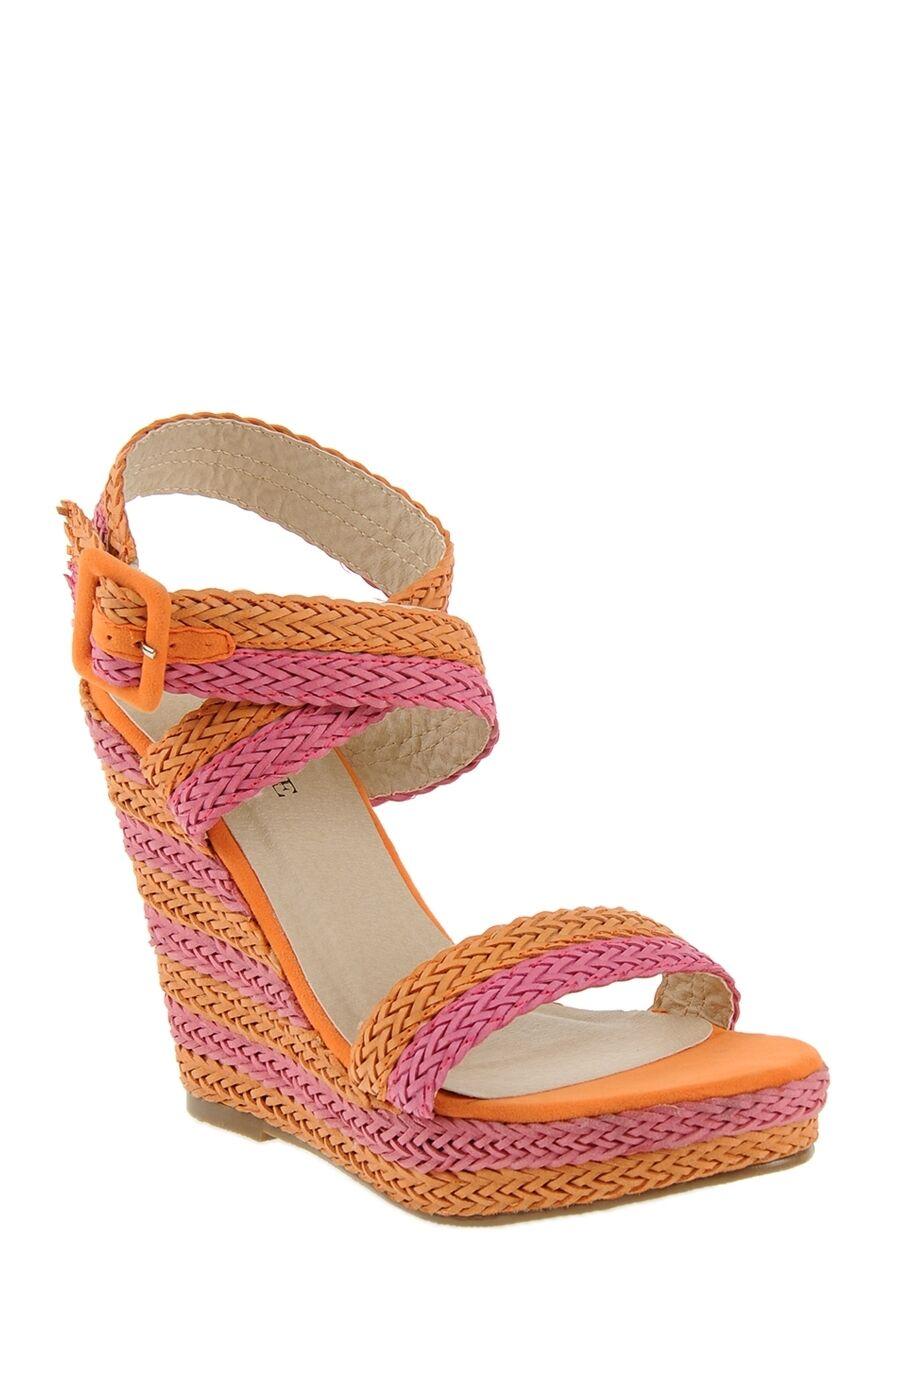 Pembe-Turuncu Çizgili Ayakkabı